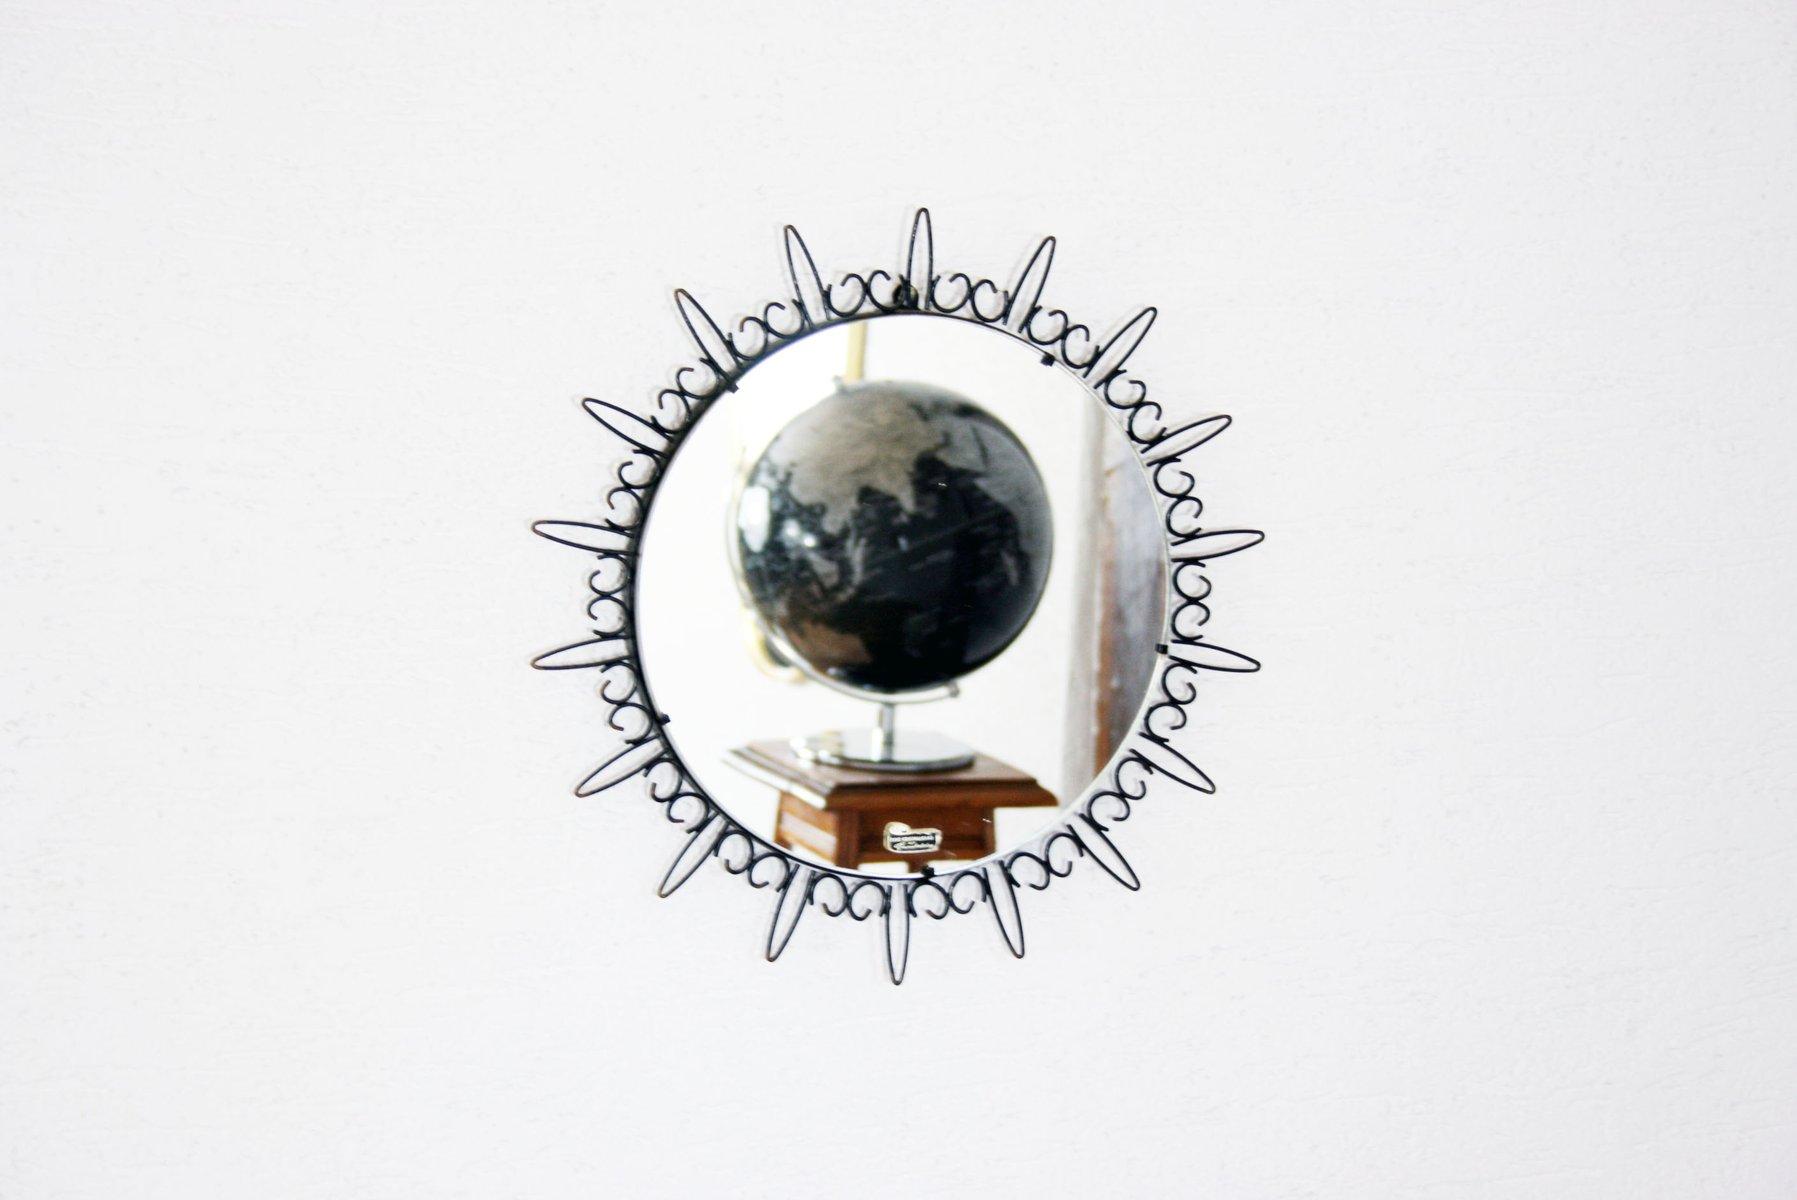 Miroir soleil en m tal noir 1960s en vente sur pamono for Miroir cadre metal noir